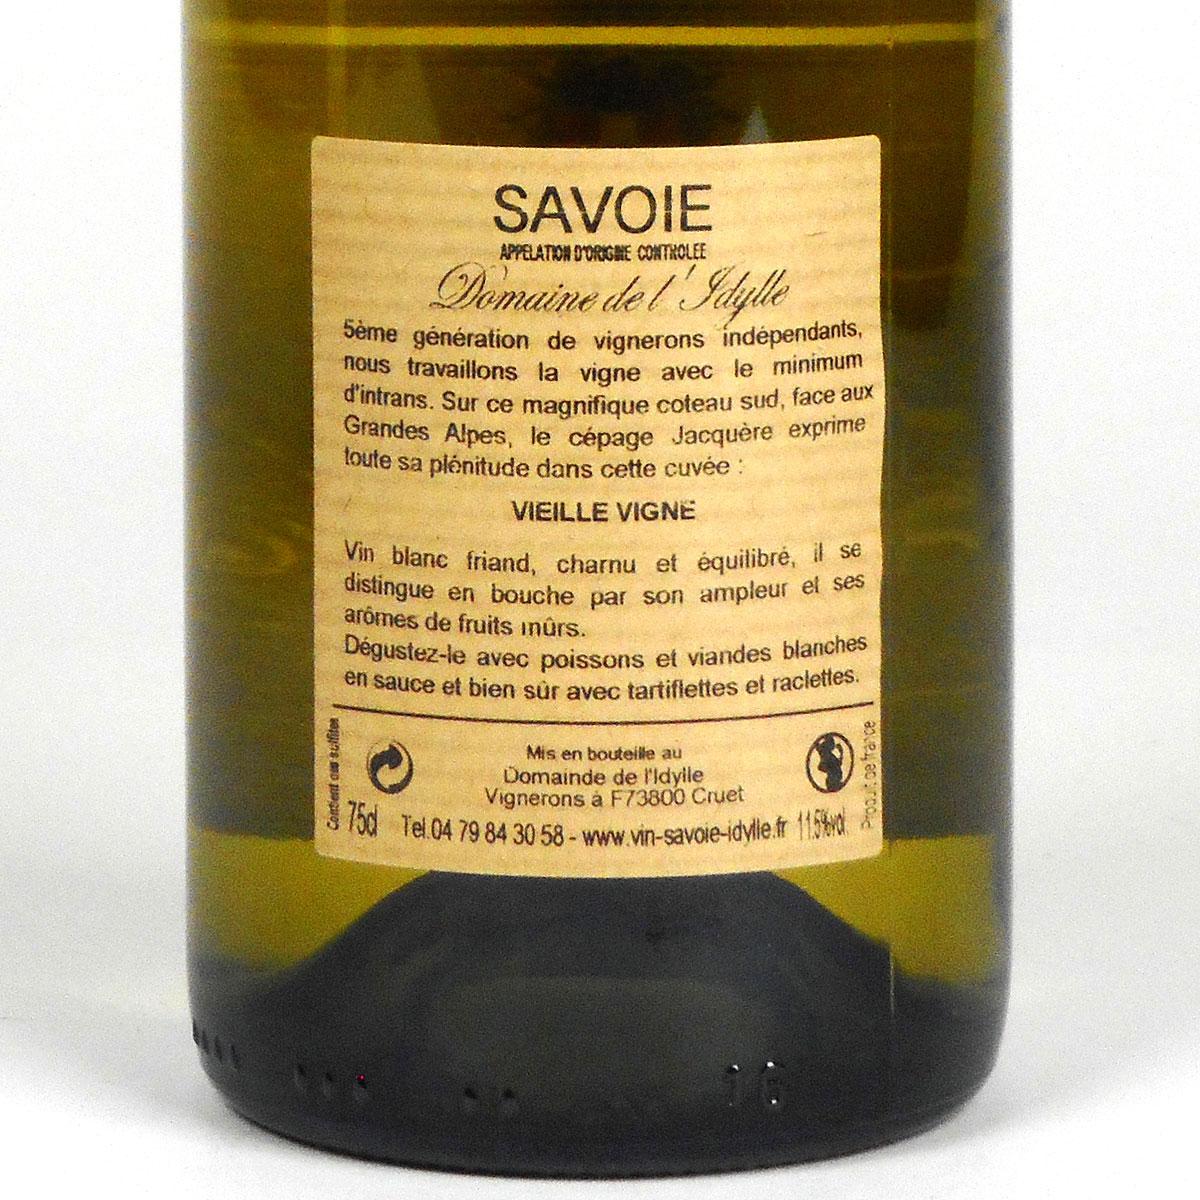 Savoie: Domaine de l'Idylle 'Vieilles Vignes' Blanc 2019 - Bottle Rear Label